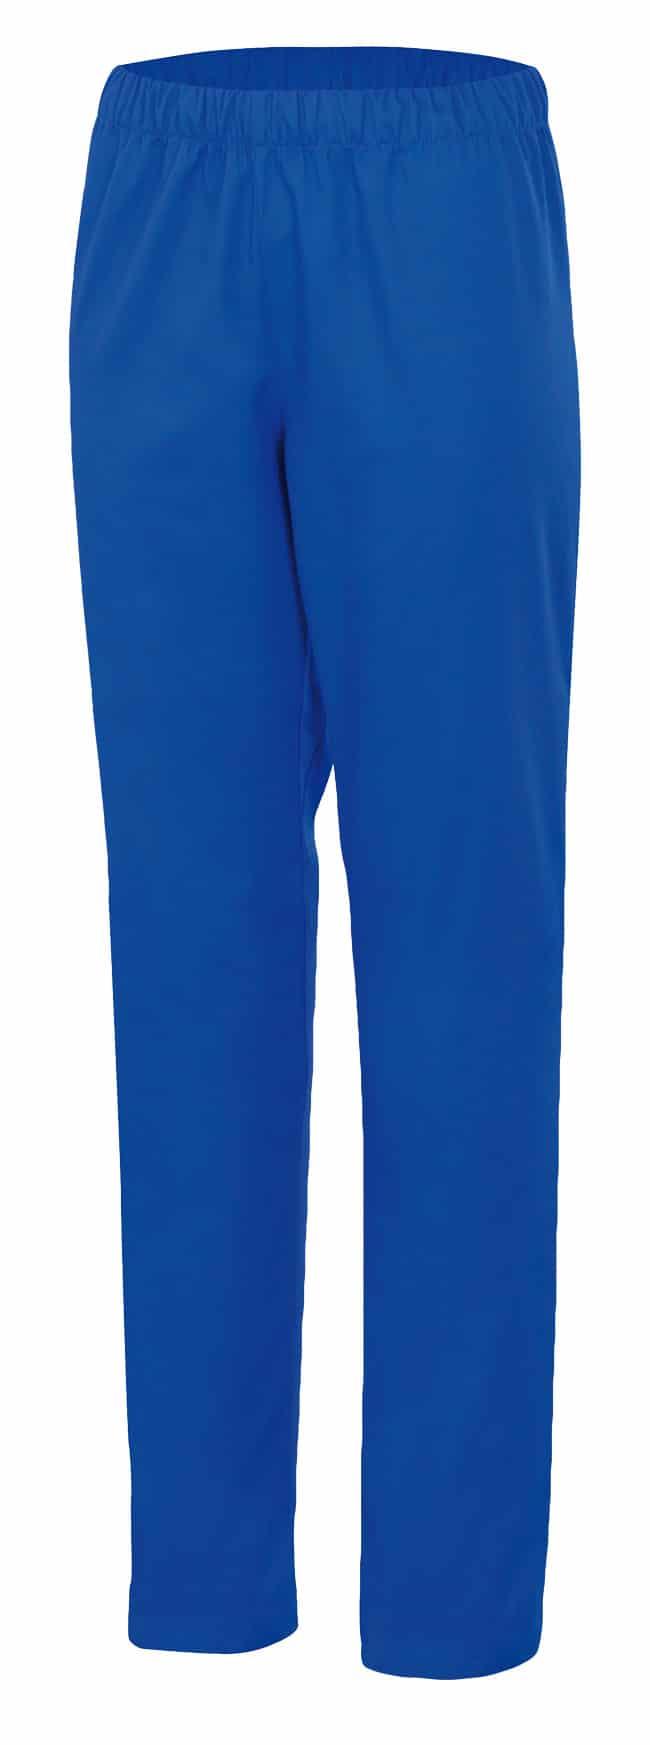 Velilla 333 PantalÓn Pijama Azul Ultramar